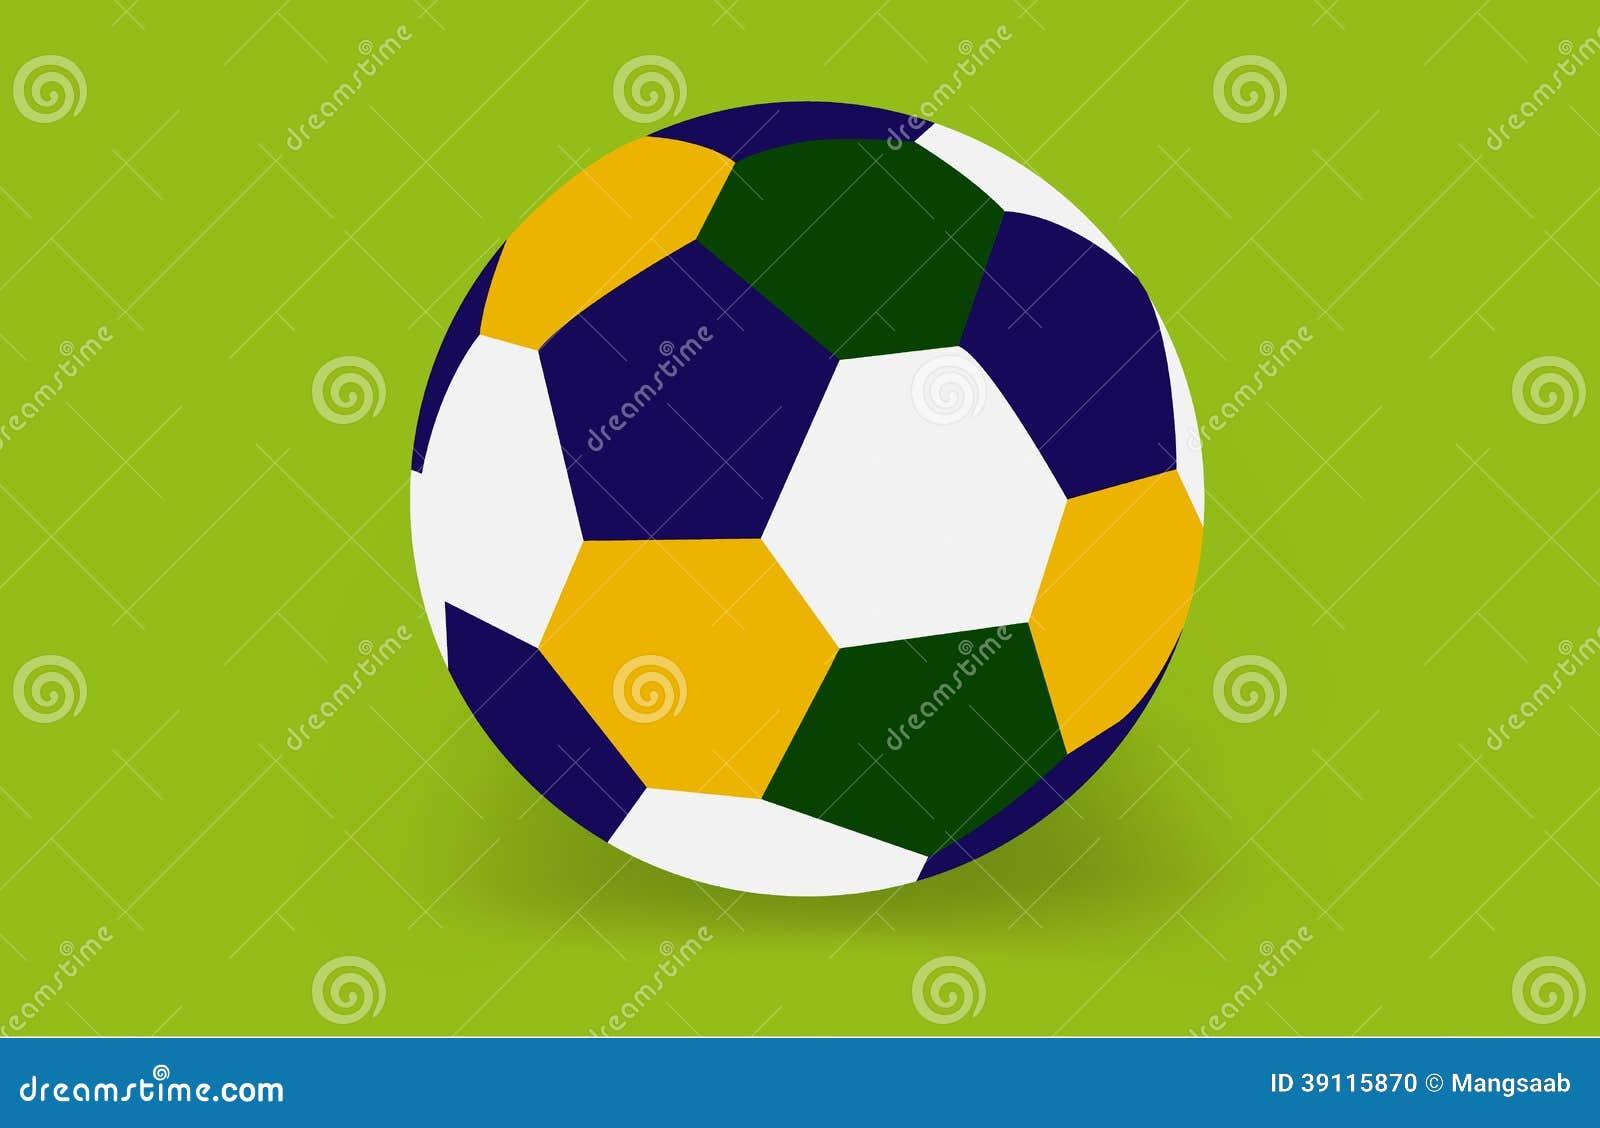 Voetbalbal van Brazilië op de groene achtergrond